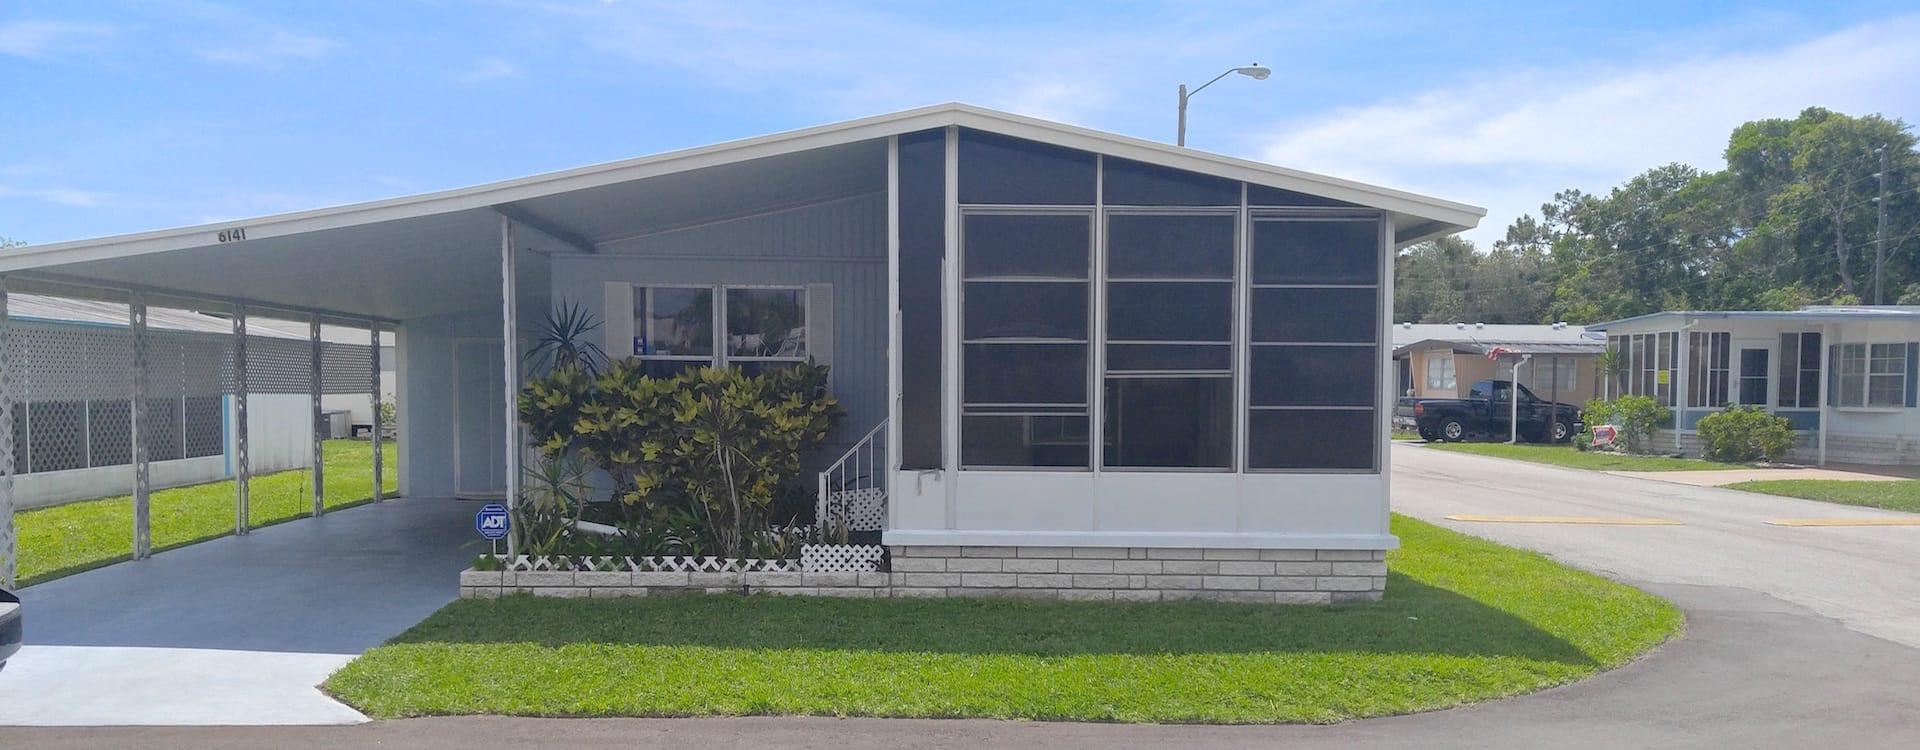 mobile home for sale new port richey  fl hacienda